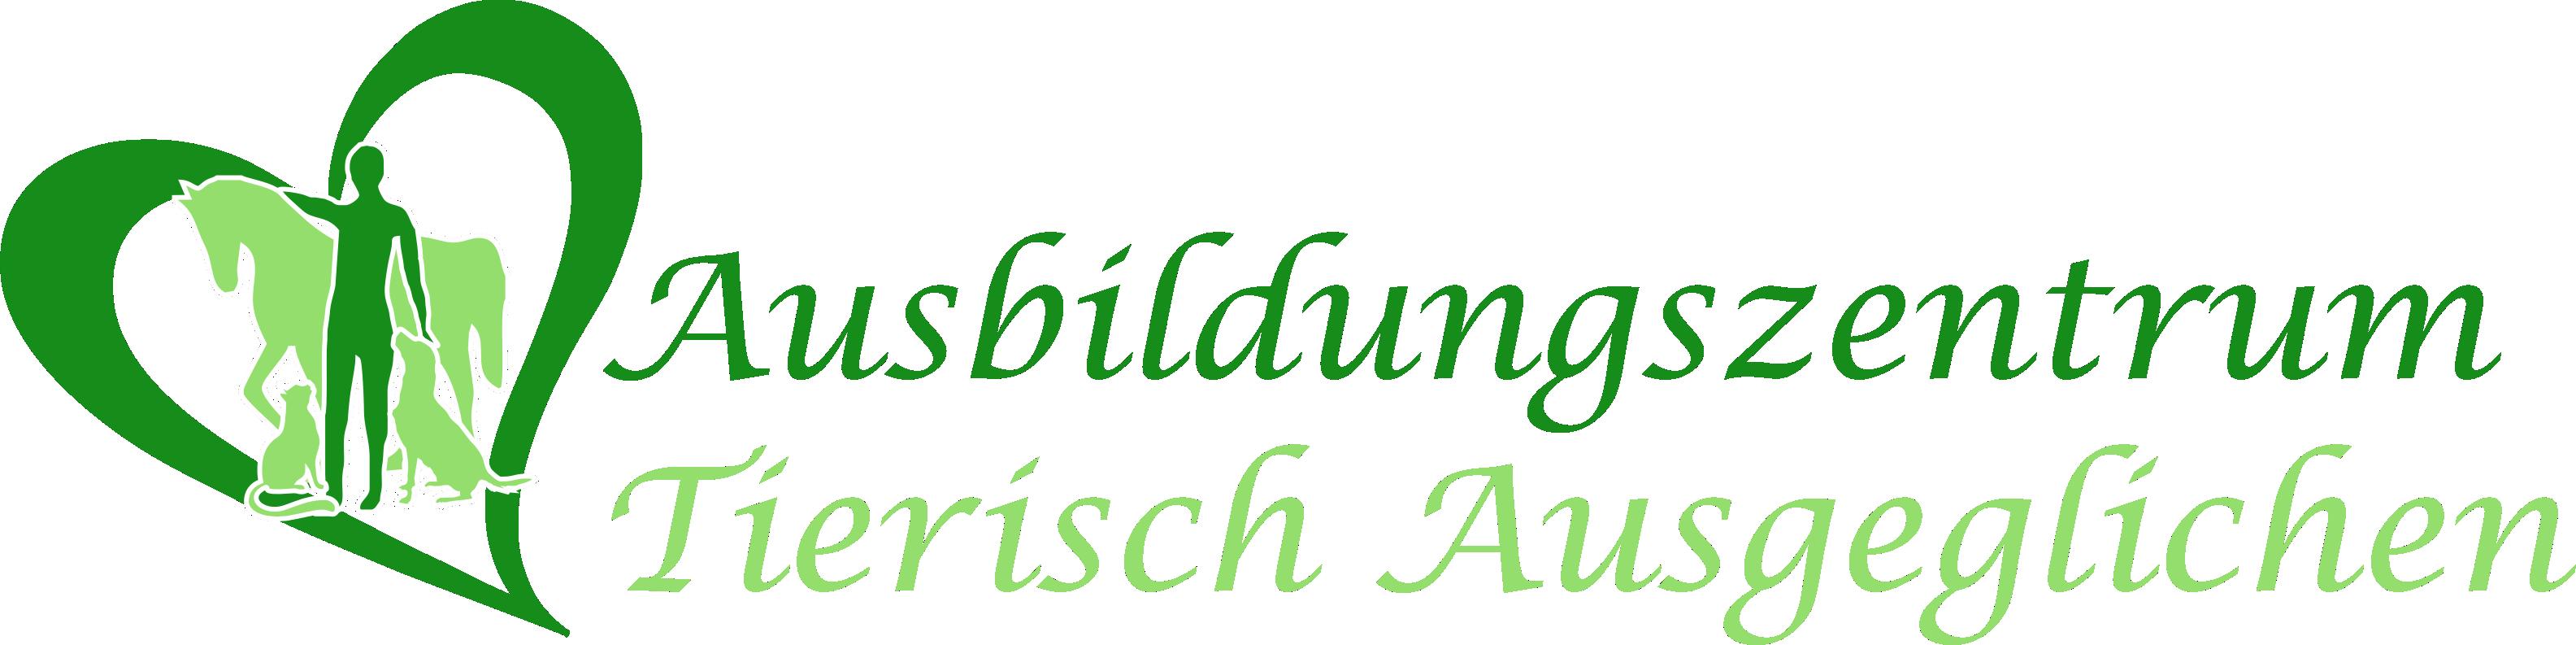 Ausbildungszentrum Logo